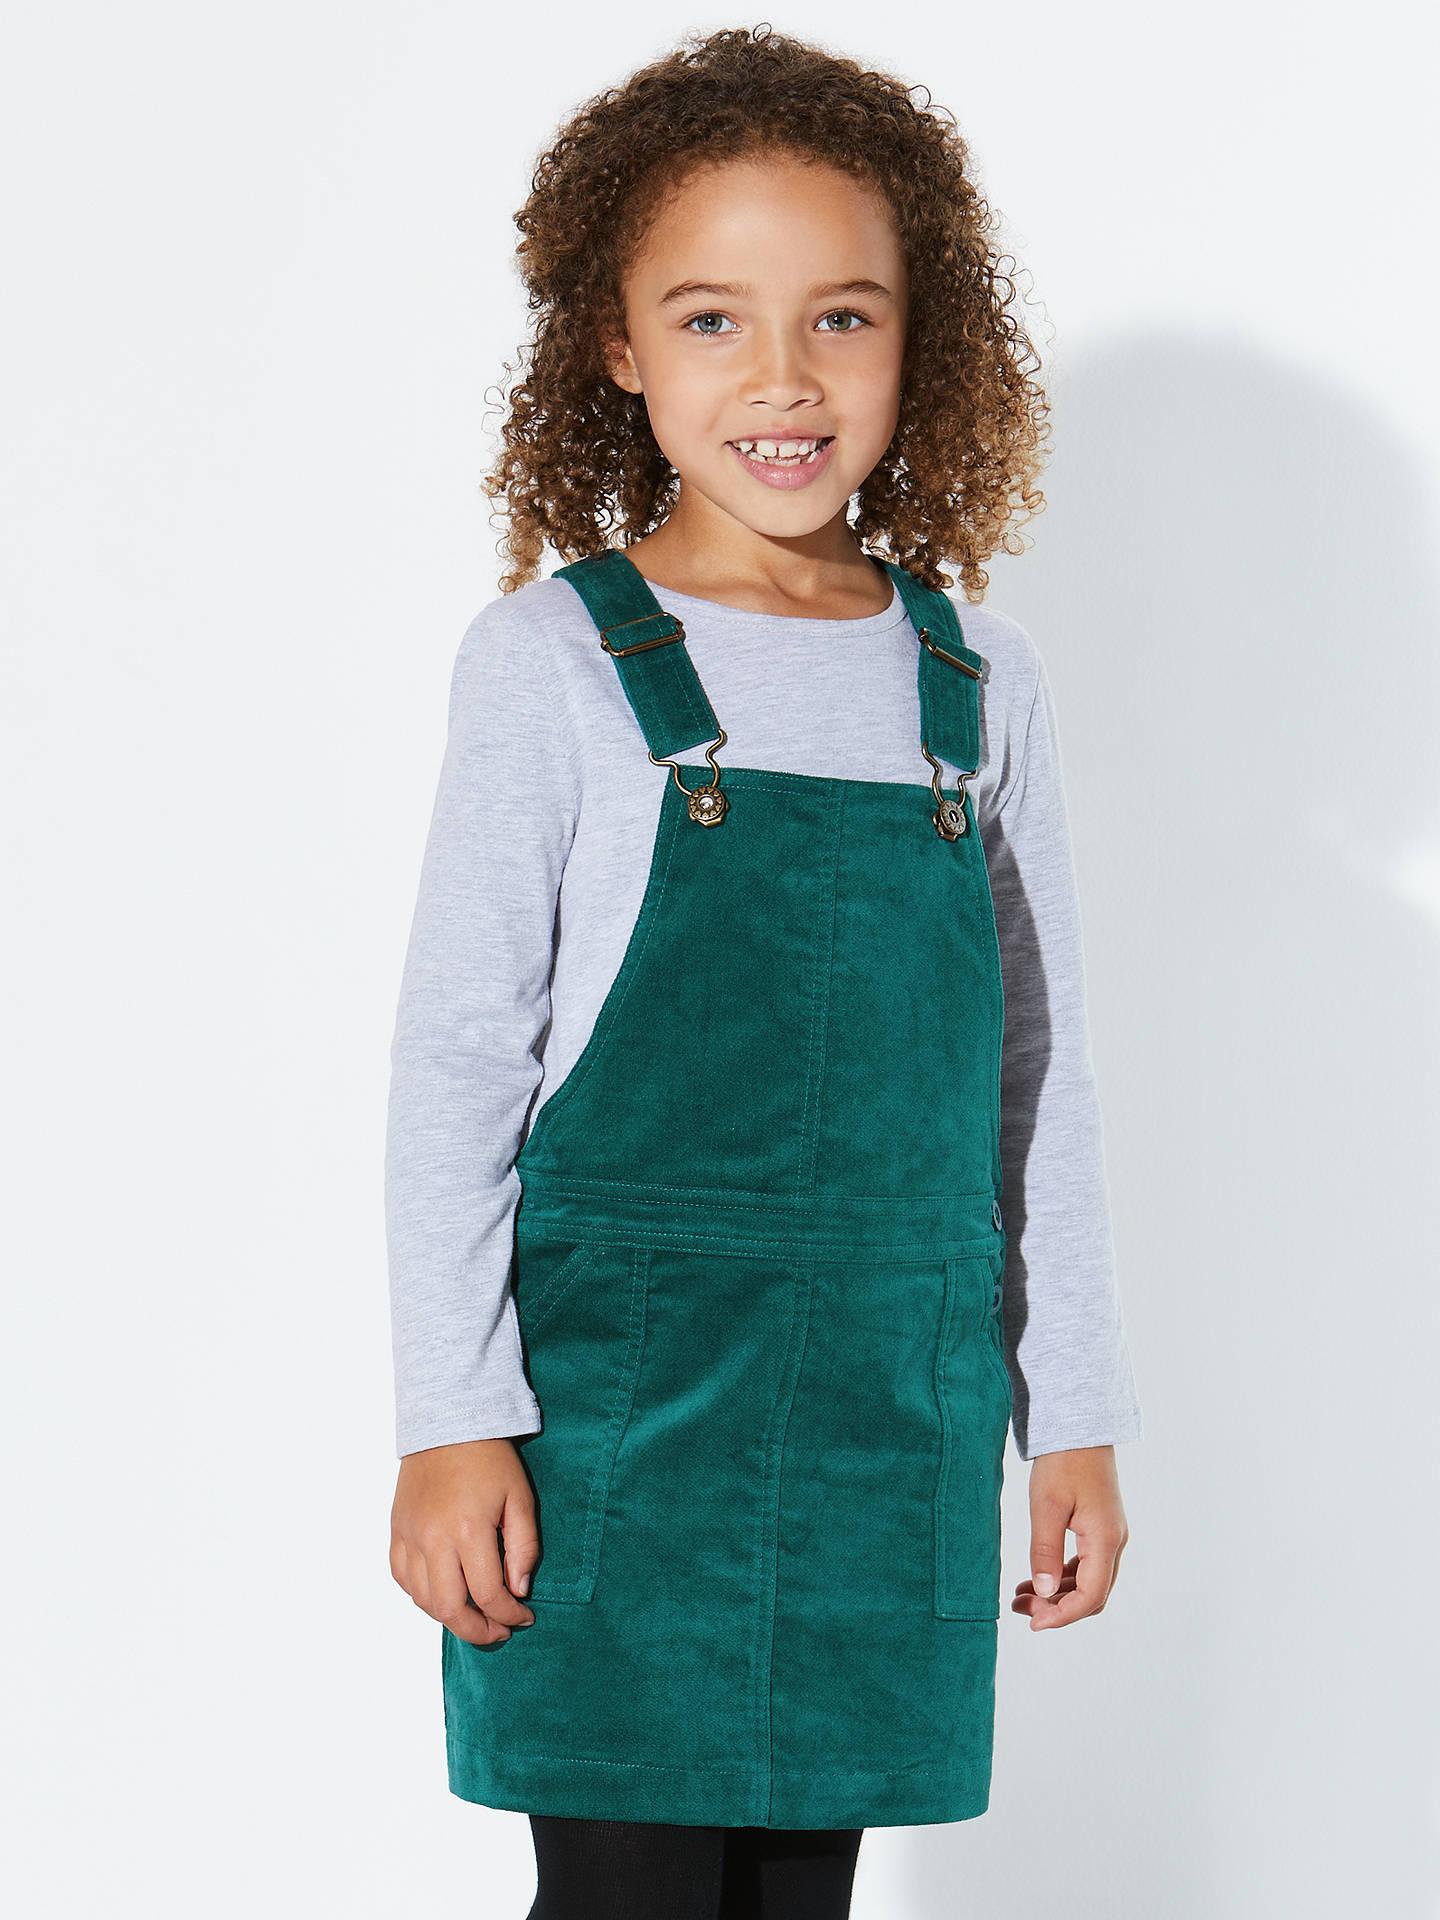 237ad7e00 ... Buy John Lewis Girls' Corduroy Pinafore Dress, Green, 2 years Online at  johnlewis ...